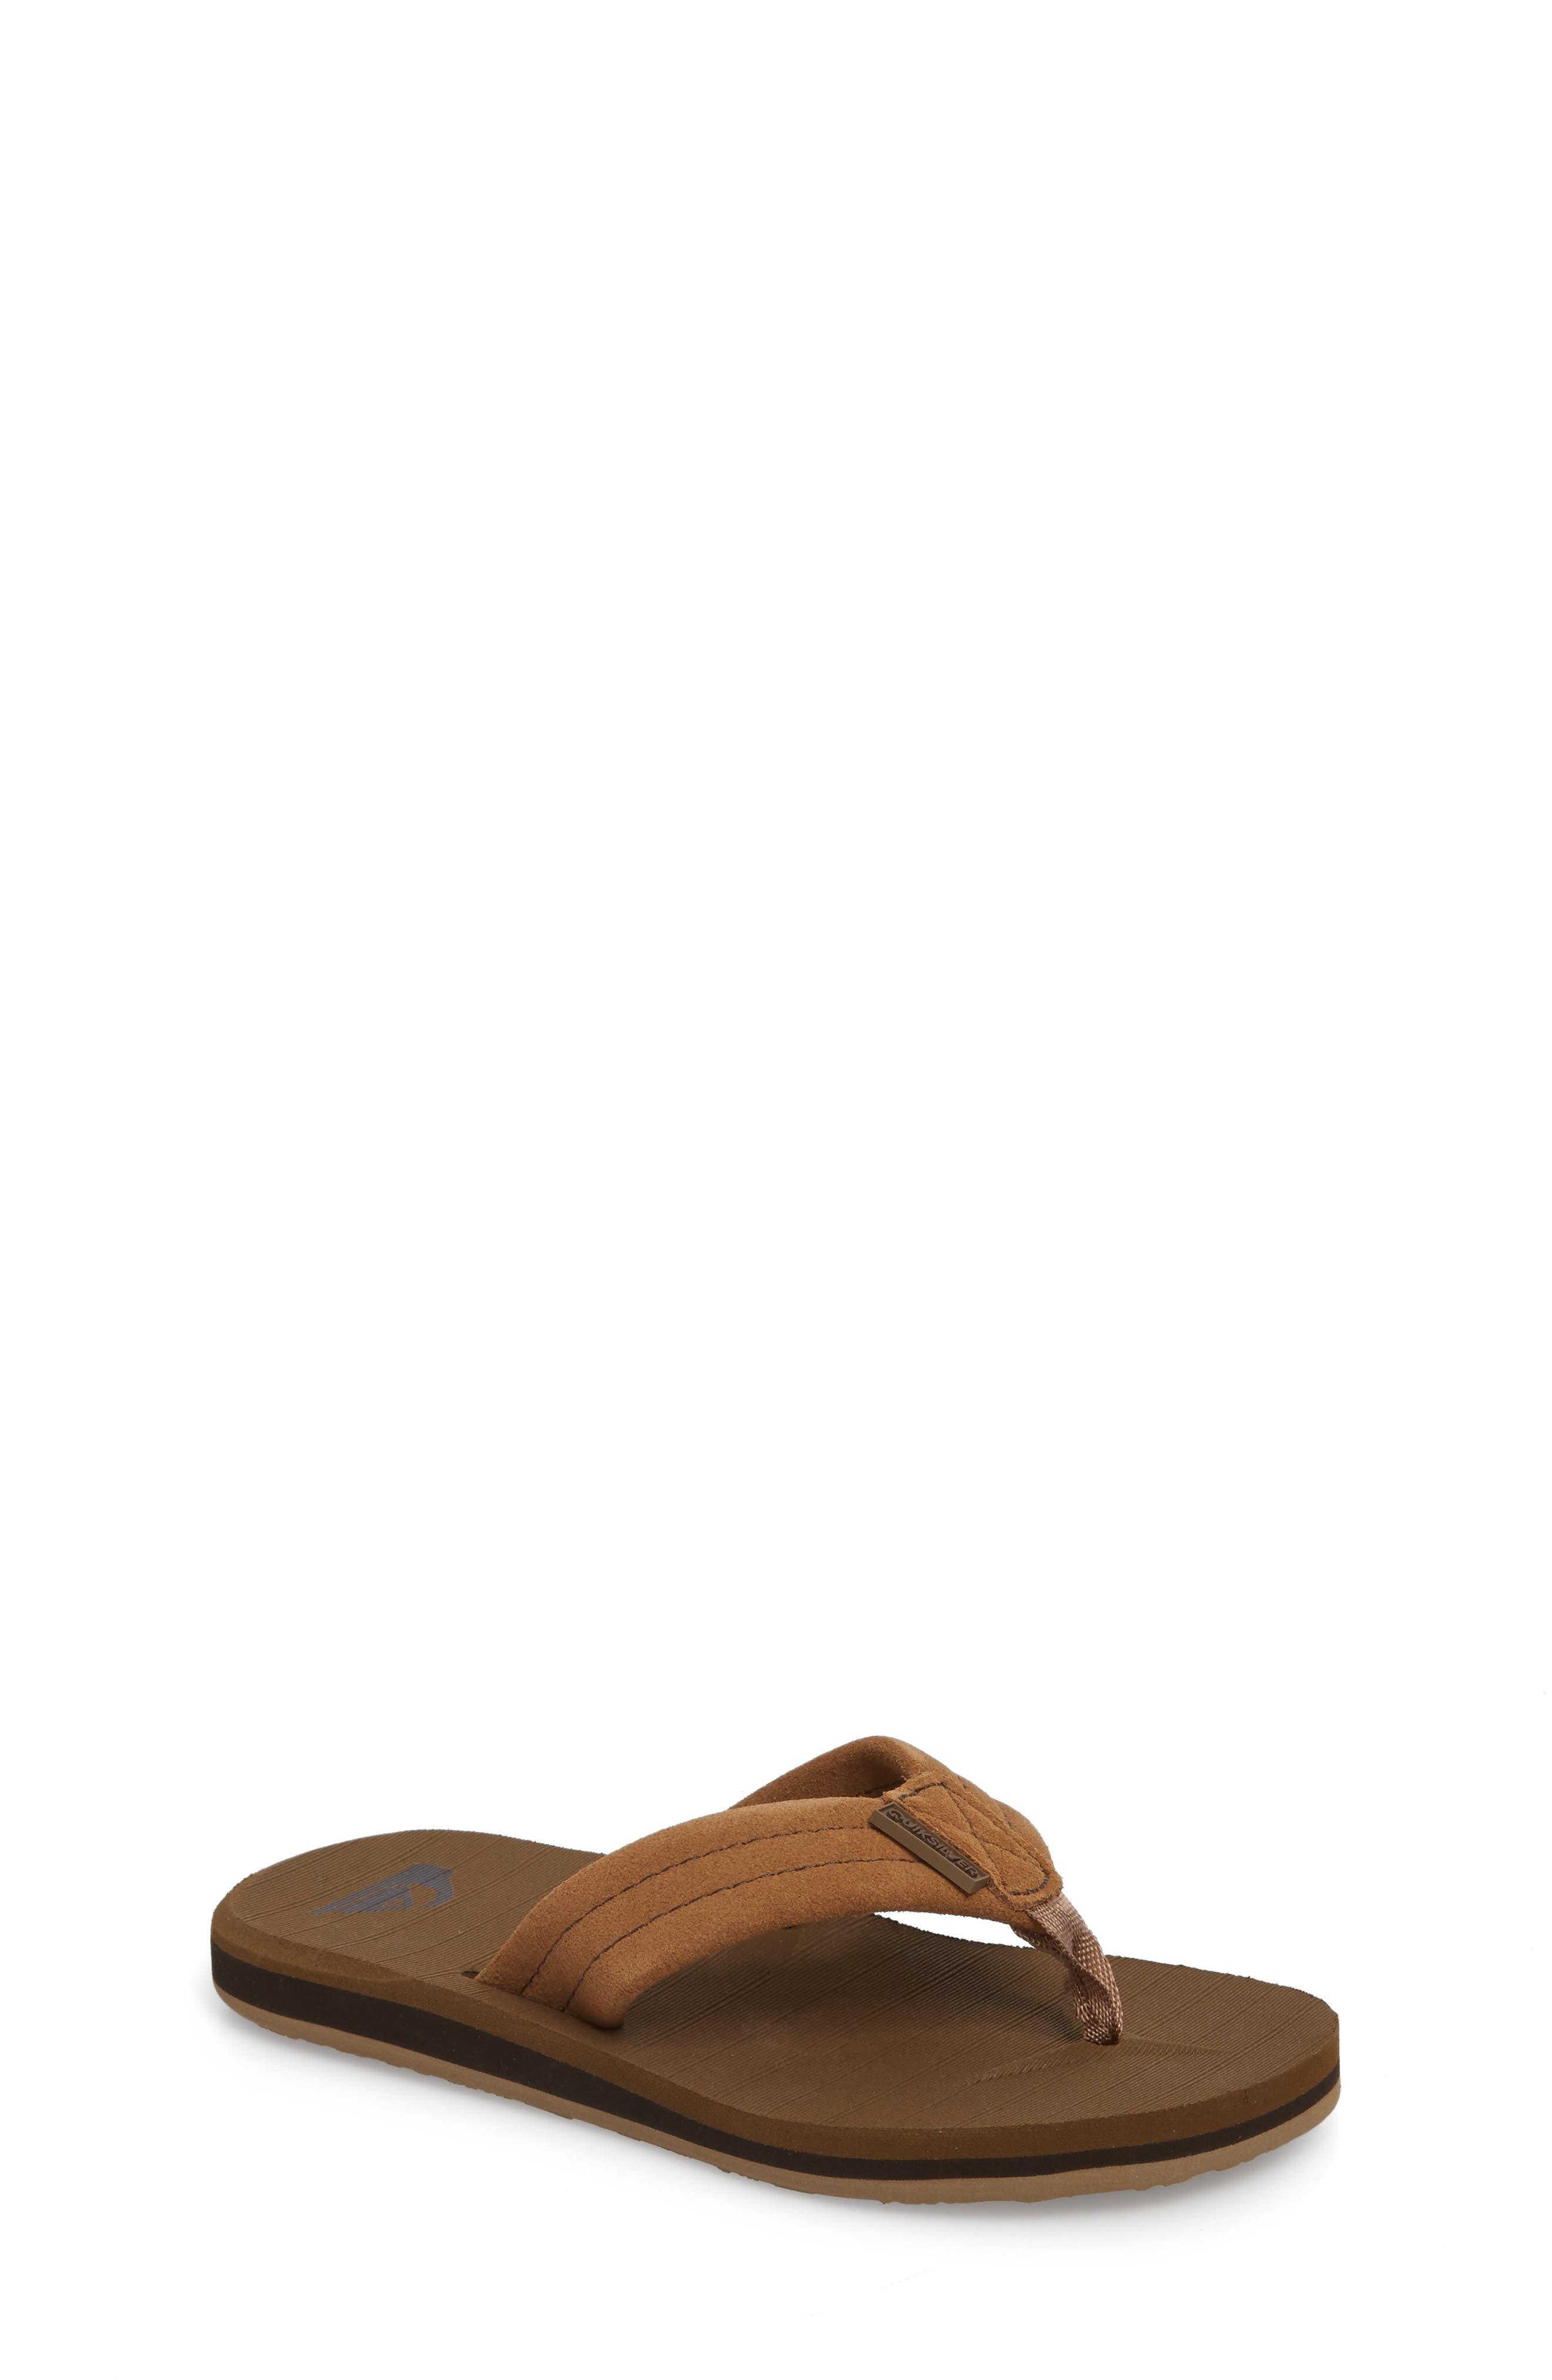 QUIKSILVER Carver Flip Flop, Main, color, TAN